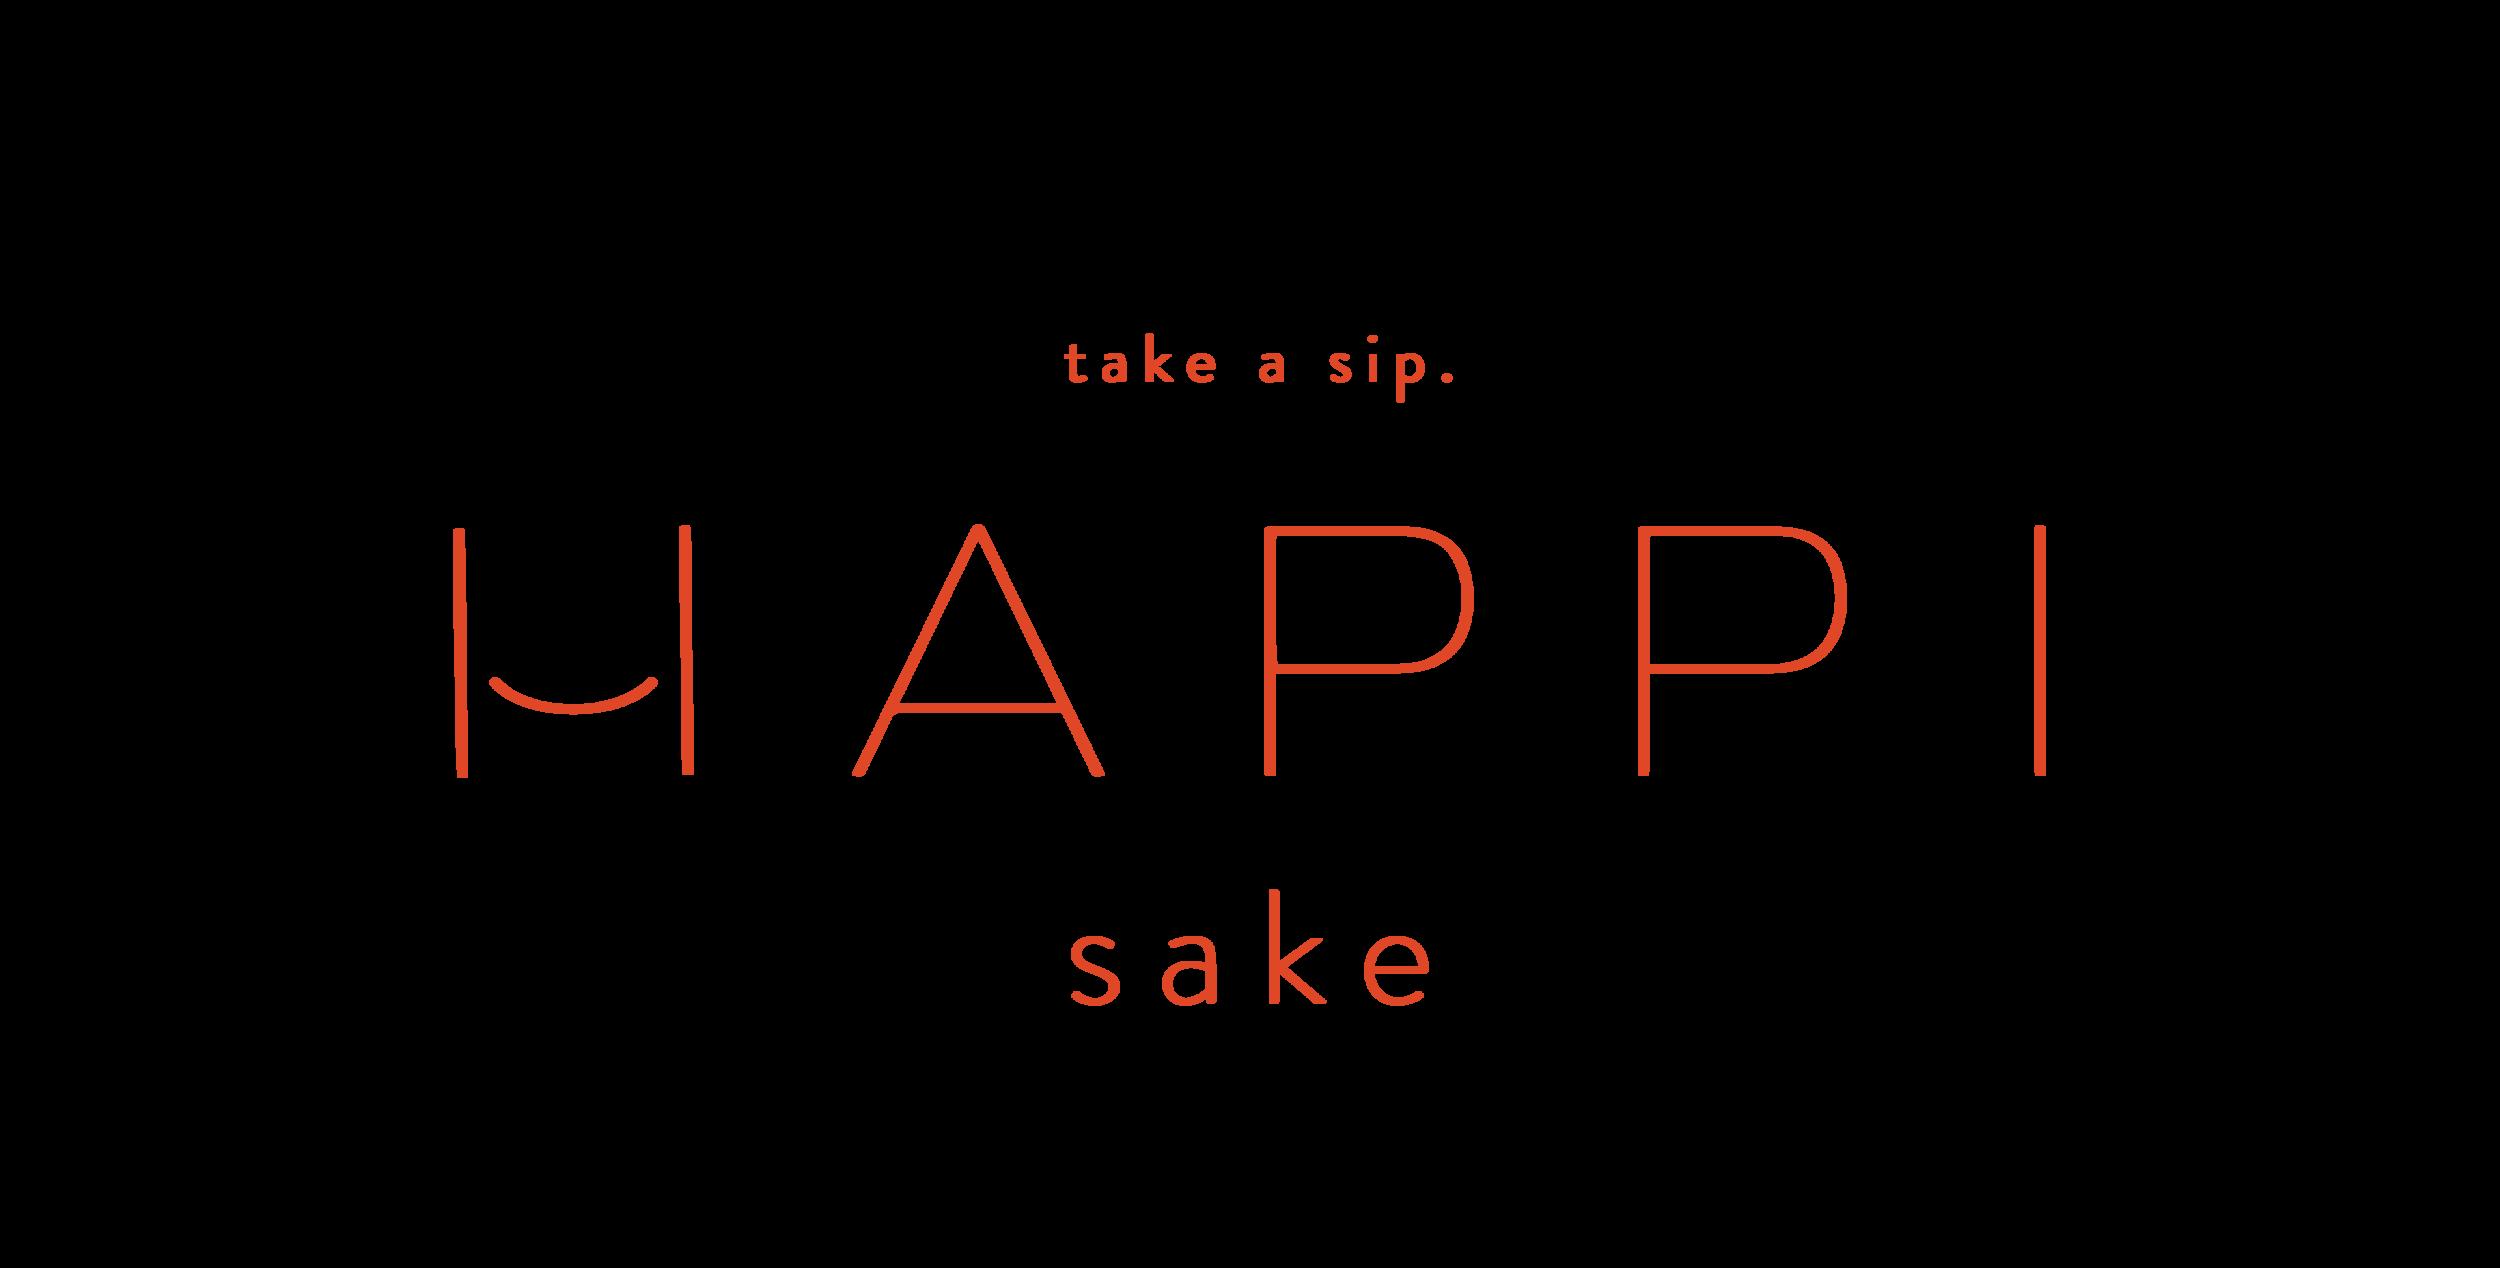 happi-sake-logo-main.png